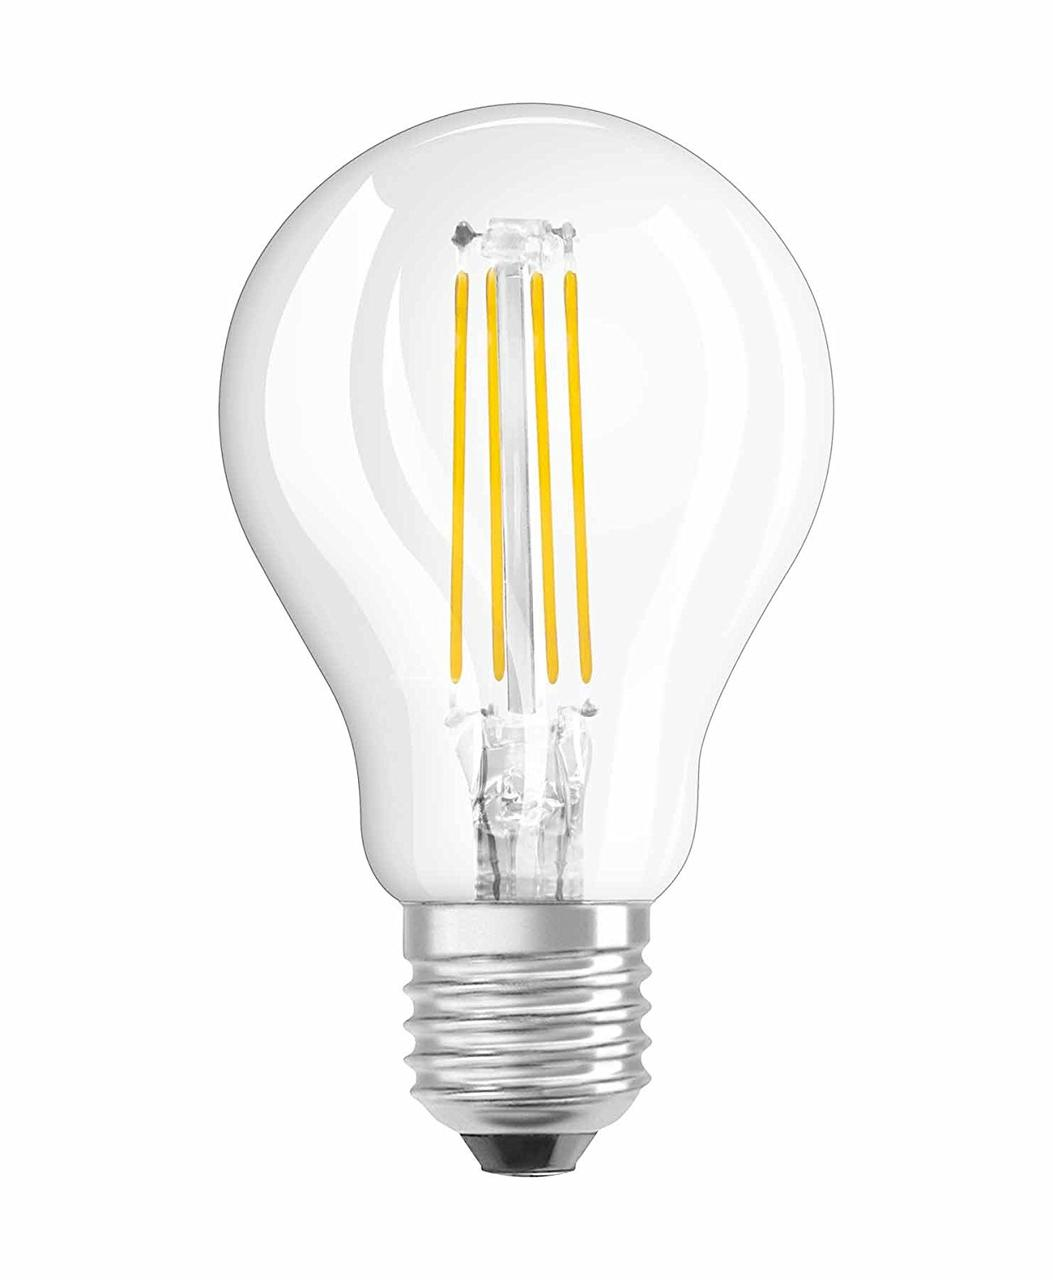 Лампа светодиодная LEDSCLP40 4W/827 230V FIL E27 10*1RU OSRAM /4052899971639/